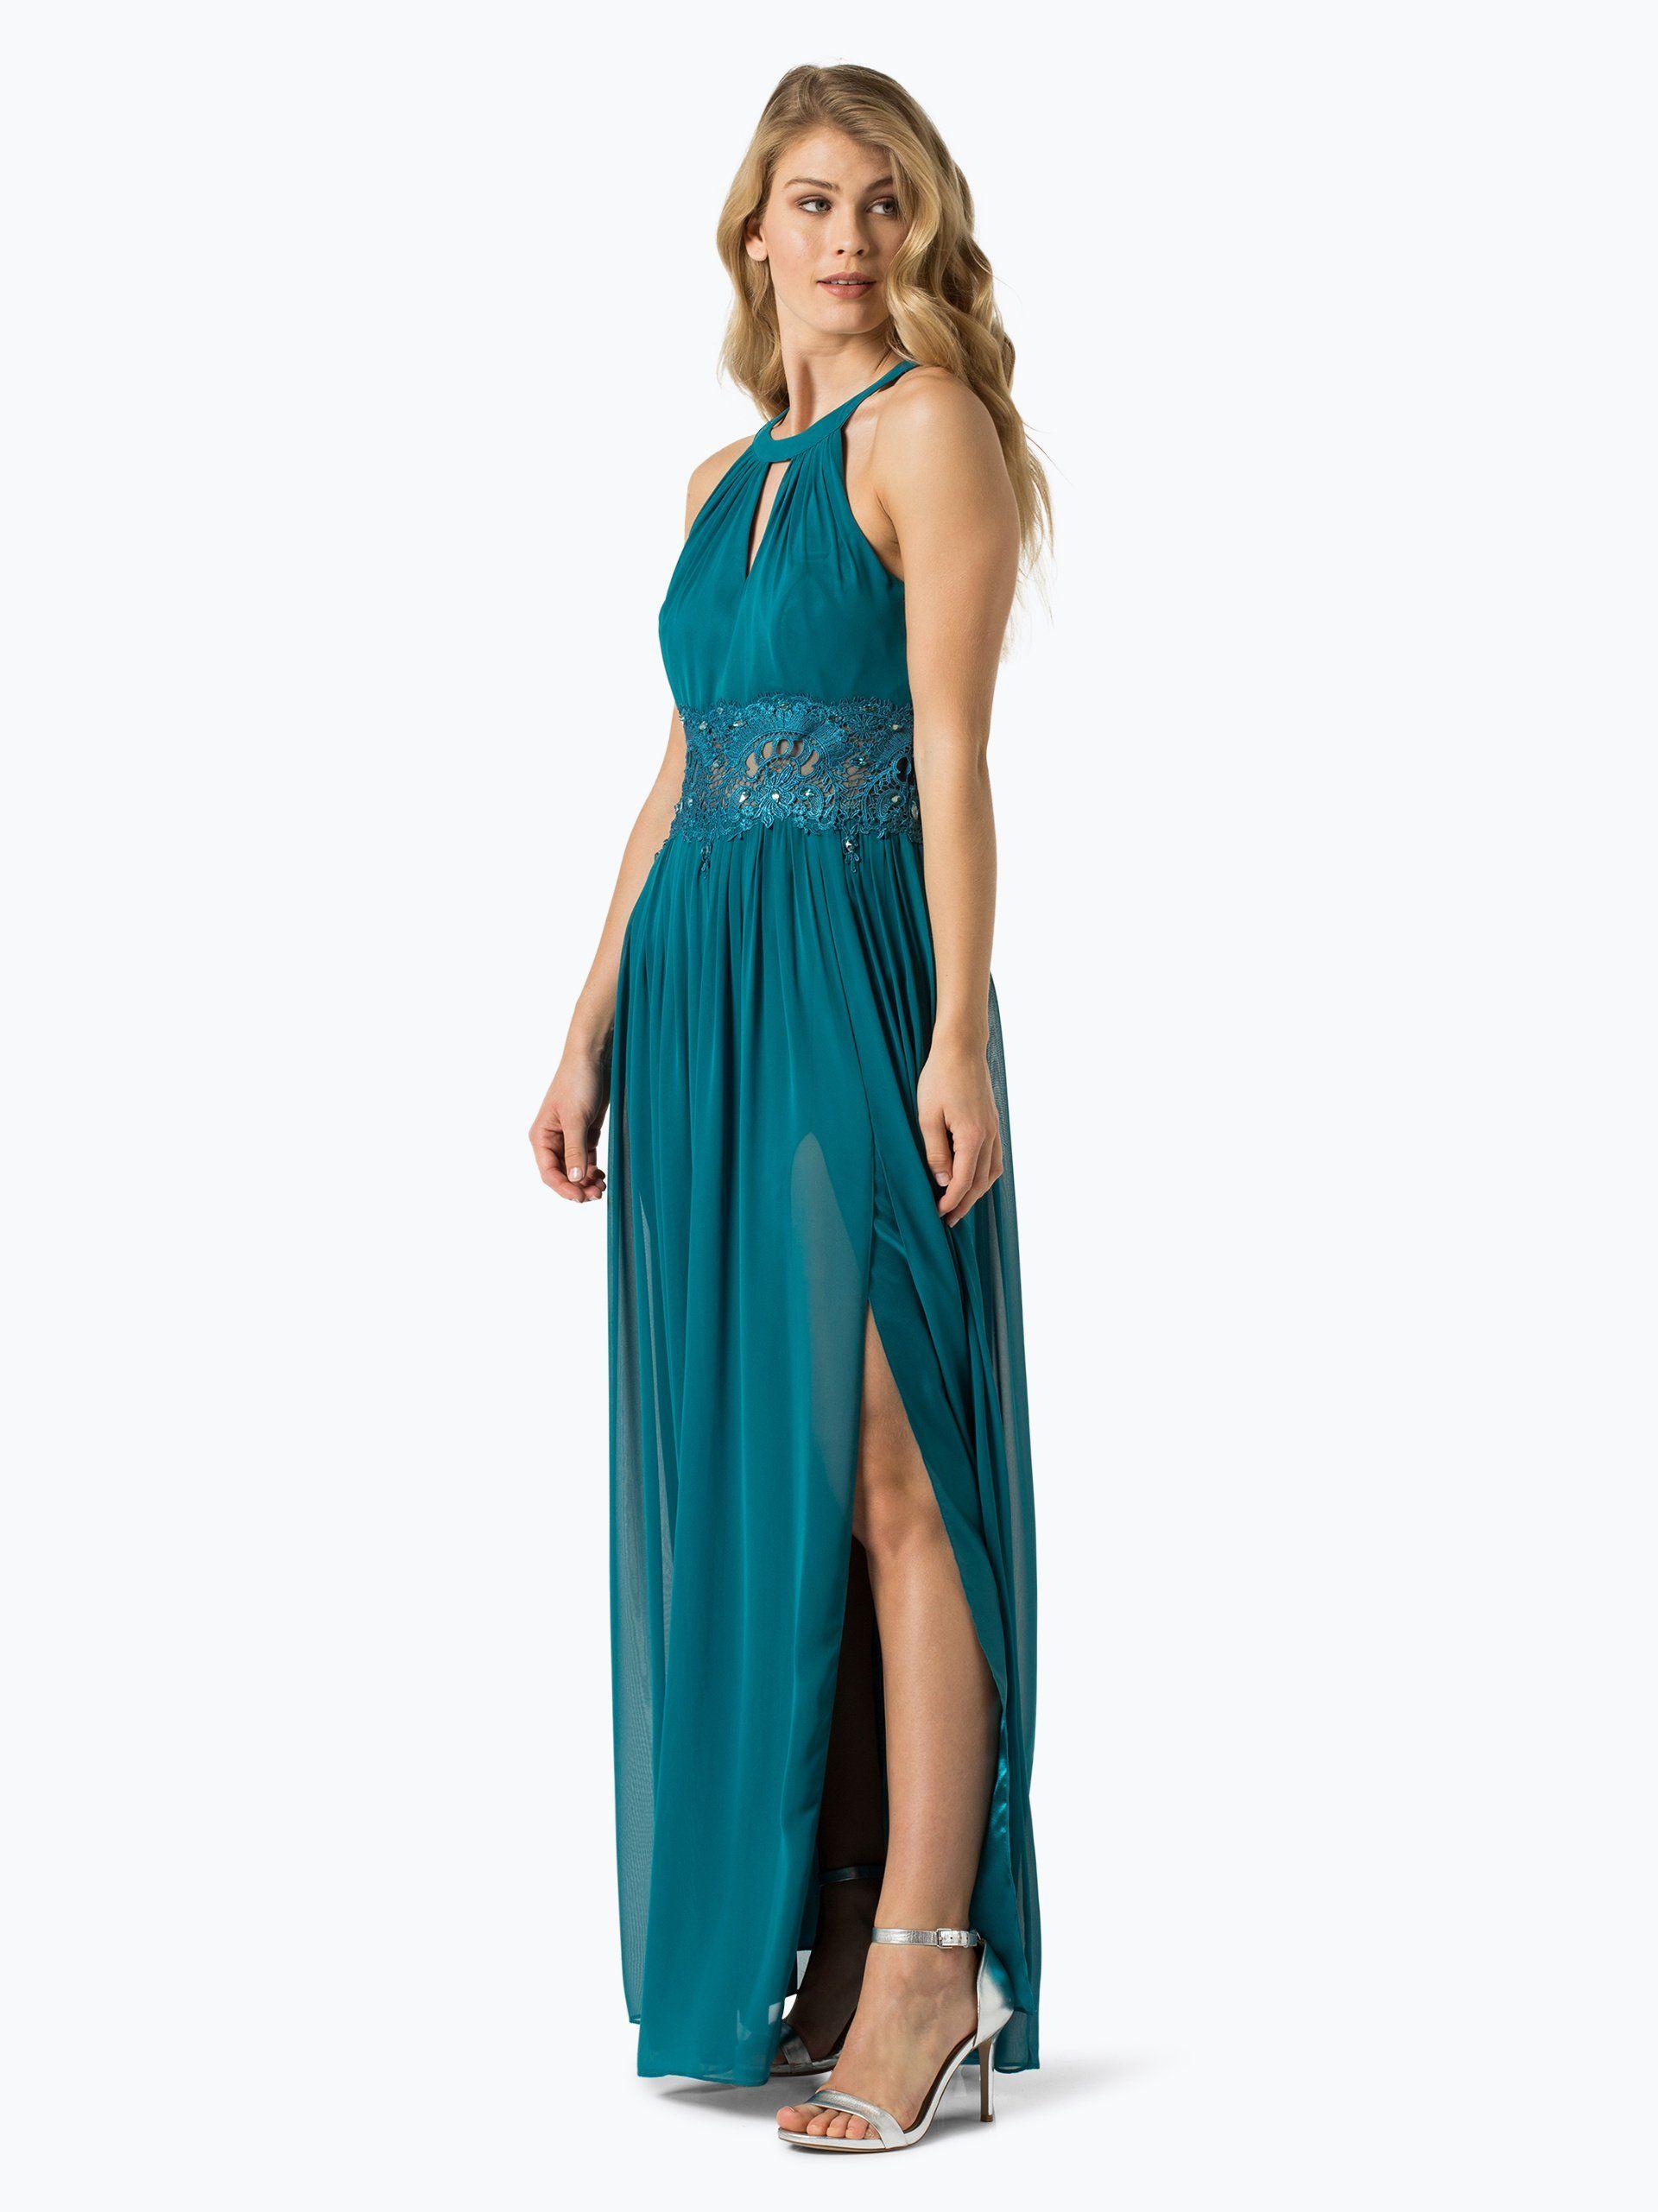 Marie Lund Damen Abendkleid  Abendkleid, Marie lund, Kleider